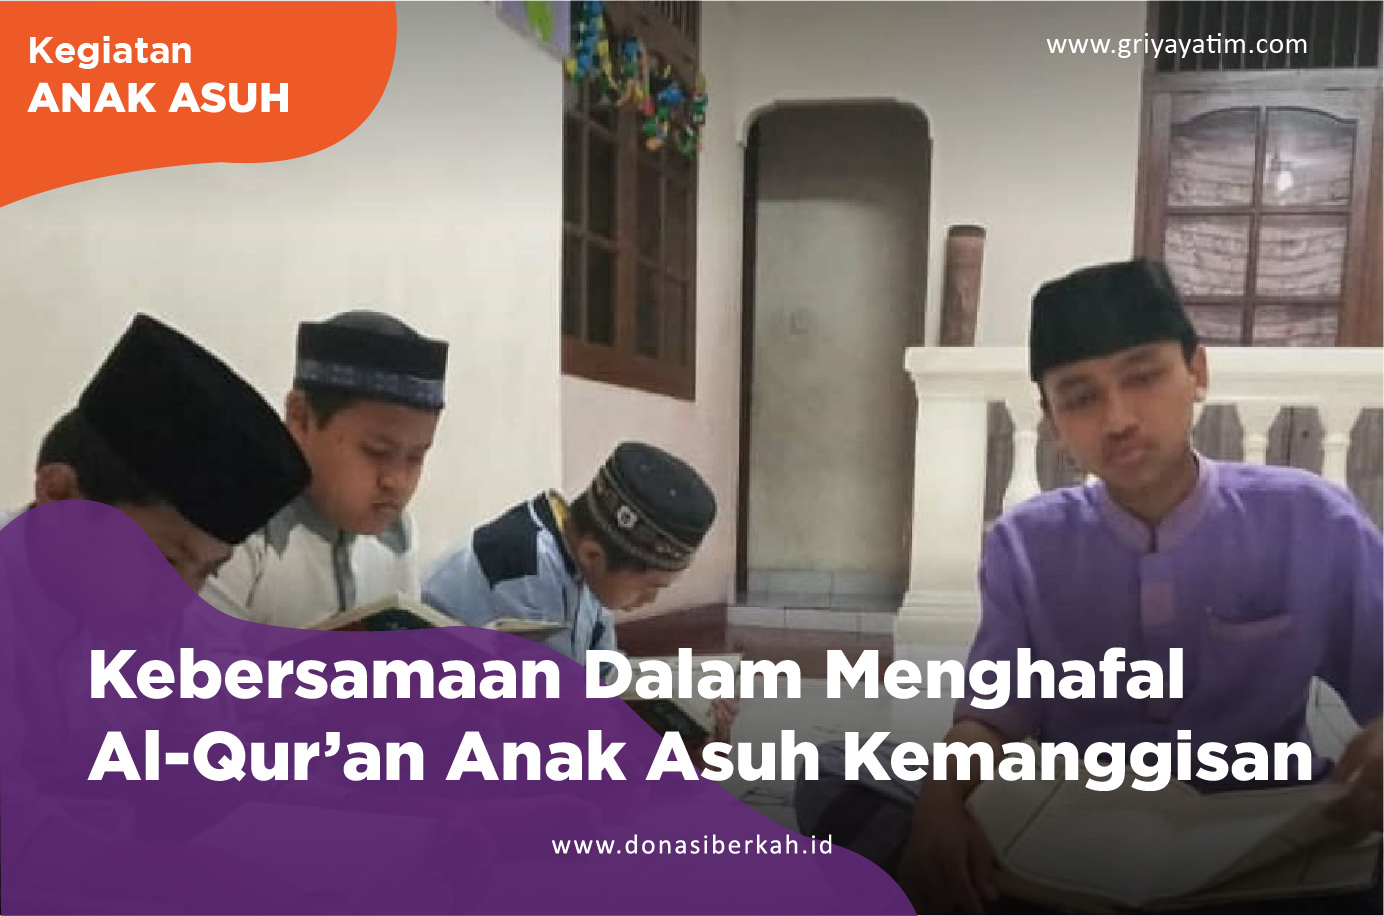 Kebersamaan Dalam Menghafal Al-Qur'an Anak Asuh Kemanggisan